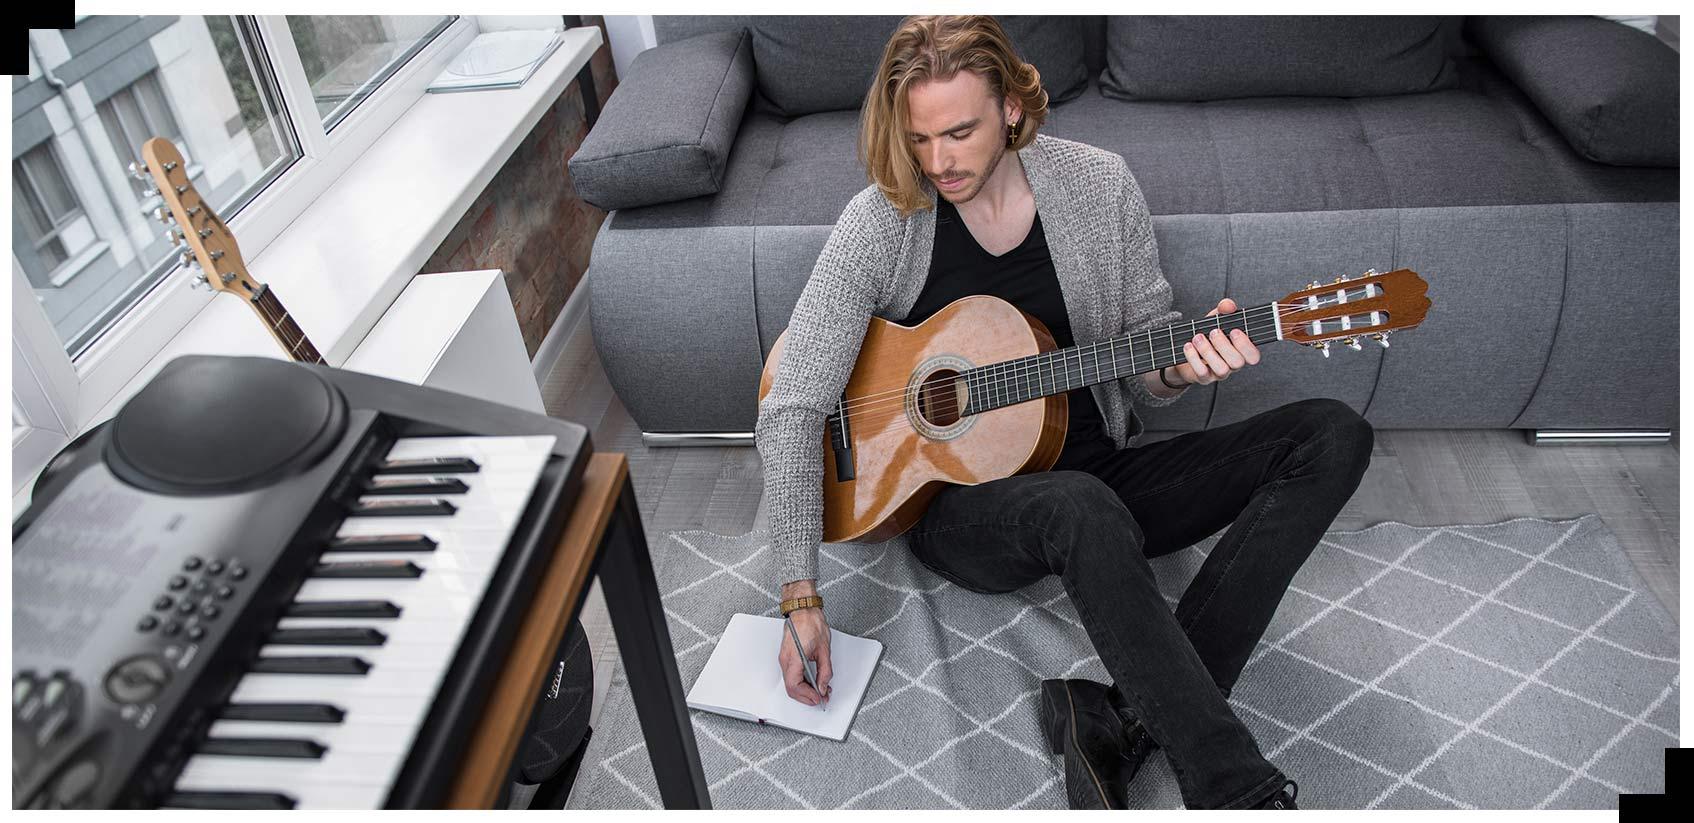 An artist with a guitar